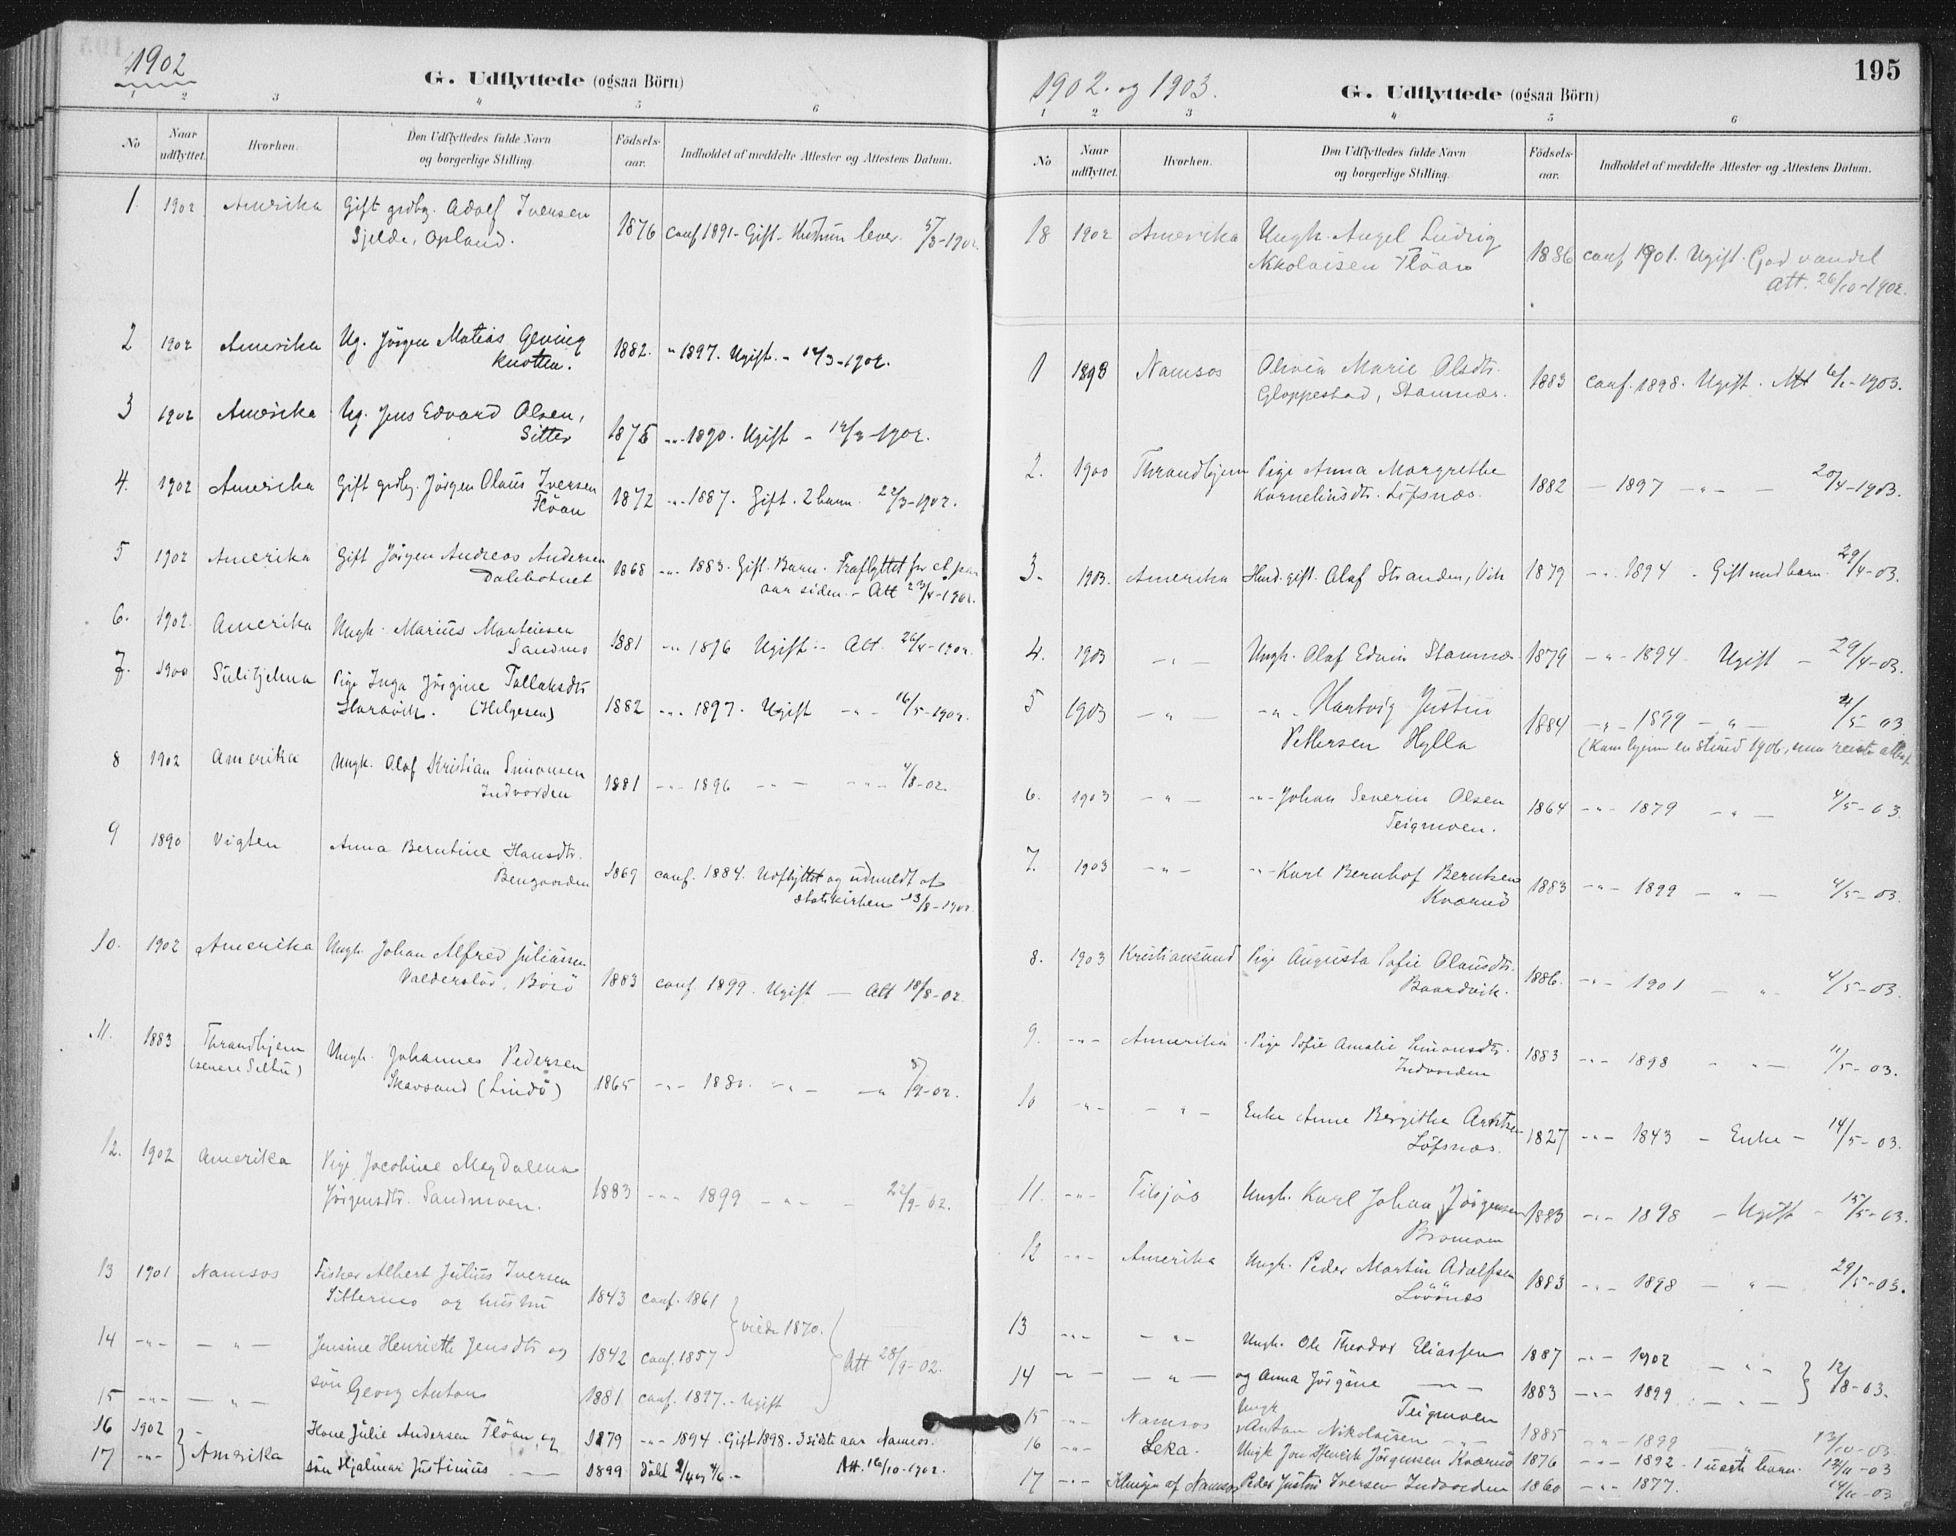 SAT, Ministerialprotokoller, klokkerbøker og fødselsregistre - Nord-Trøndelag, 772/L0603: Ministerialbok nr. 772A01, 1885-1912, s. 195